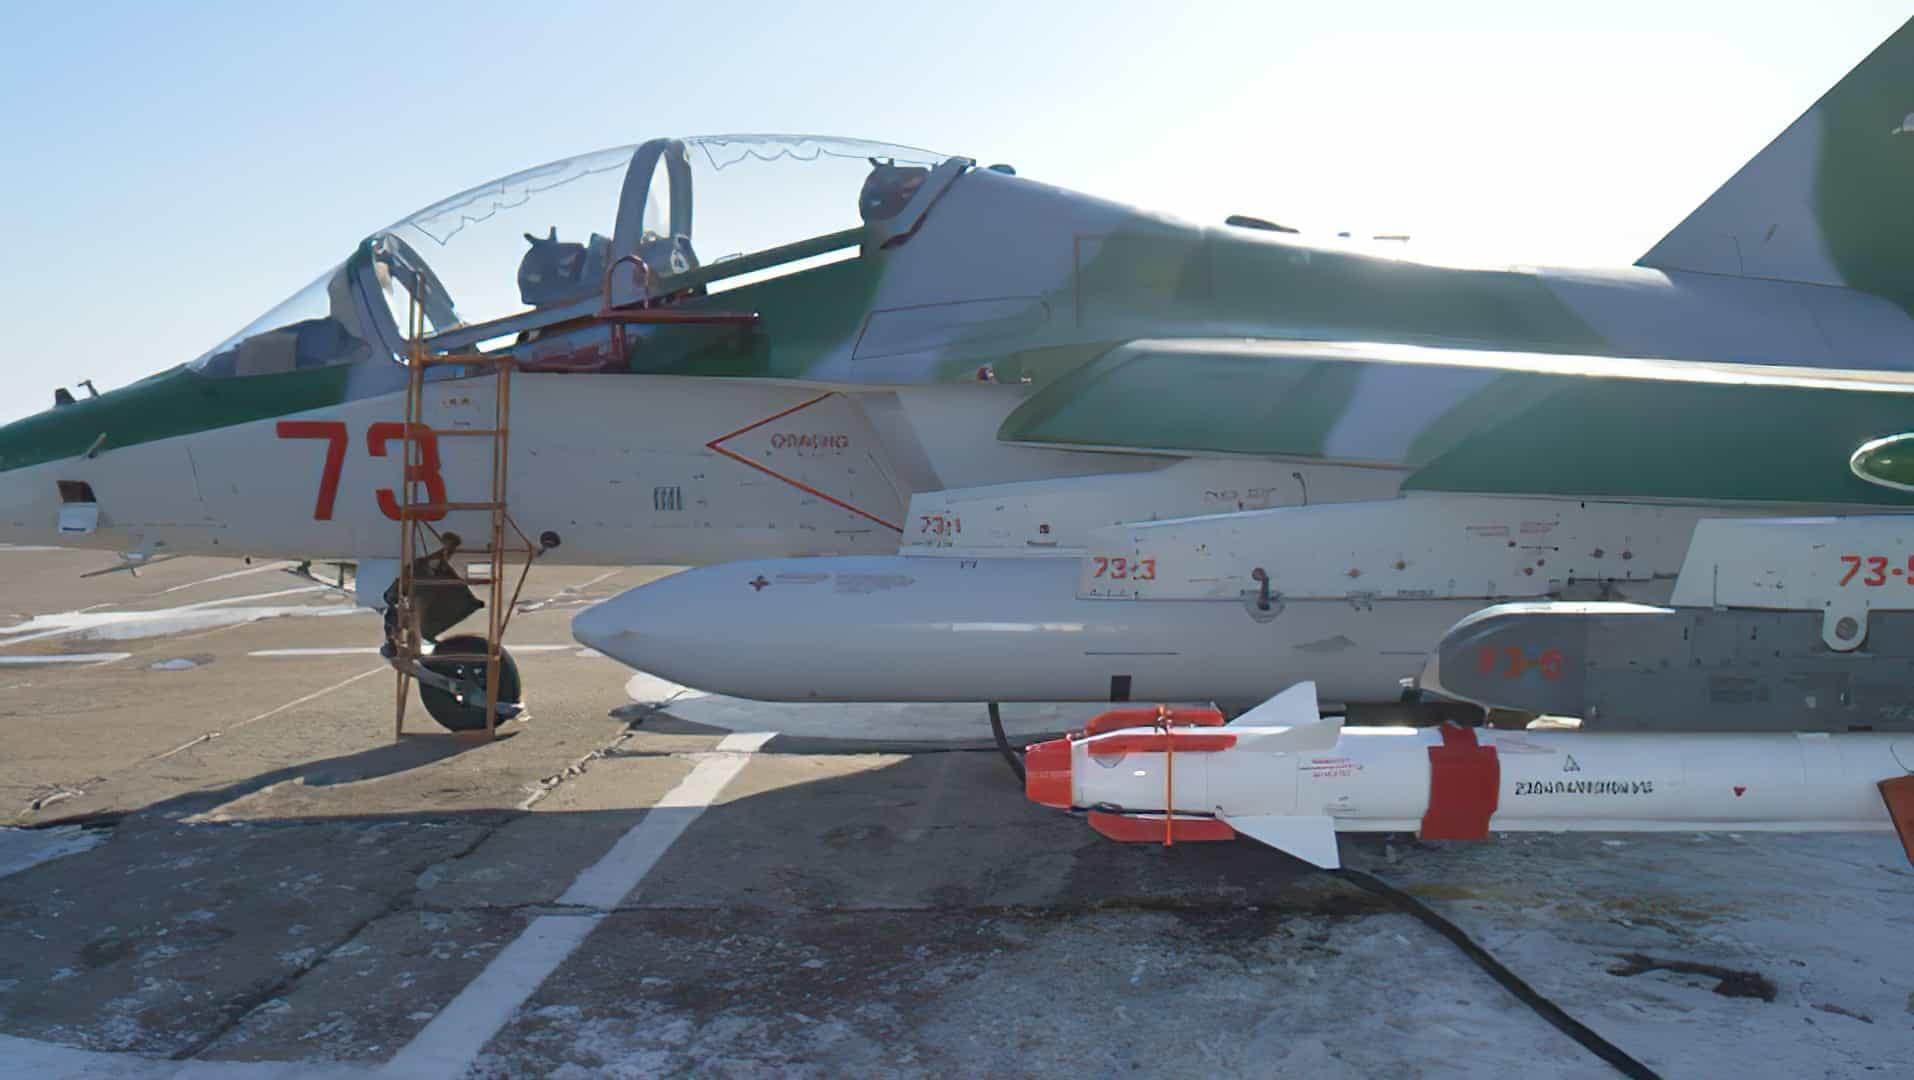 Білорусь освоїла ремонт ракет Р-27. Ракета Р-73 на навчально-тренувальному літаку Як-130 Фото: vpk.gov.by